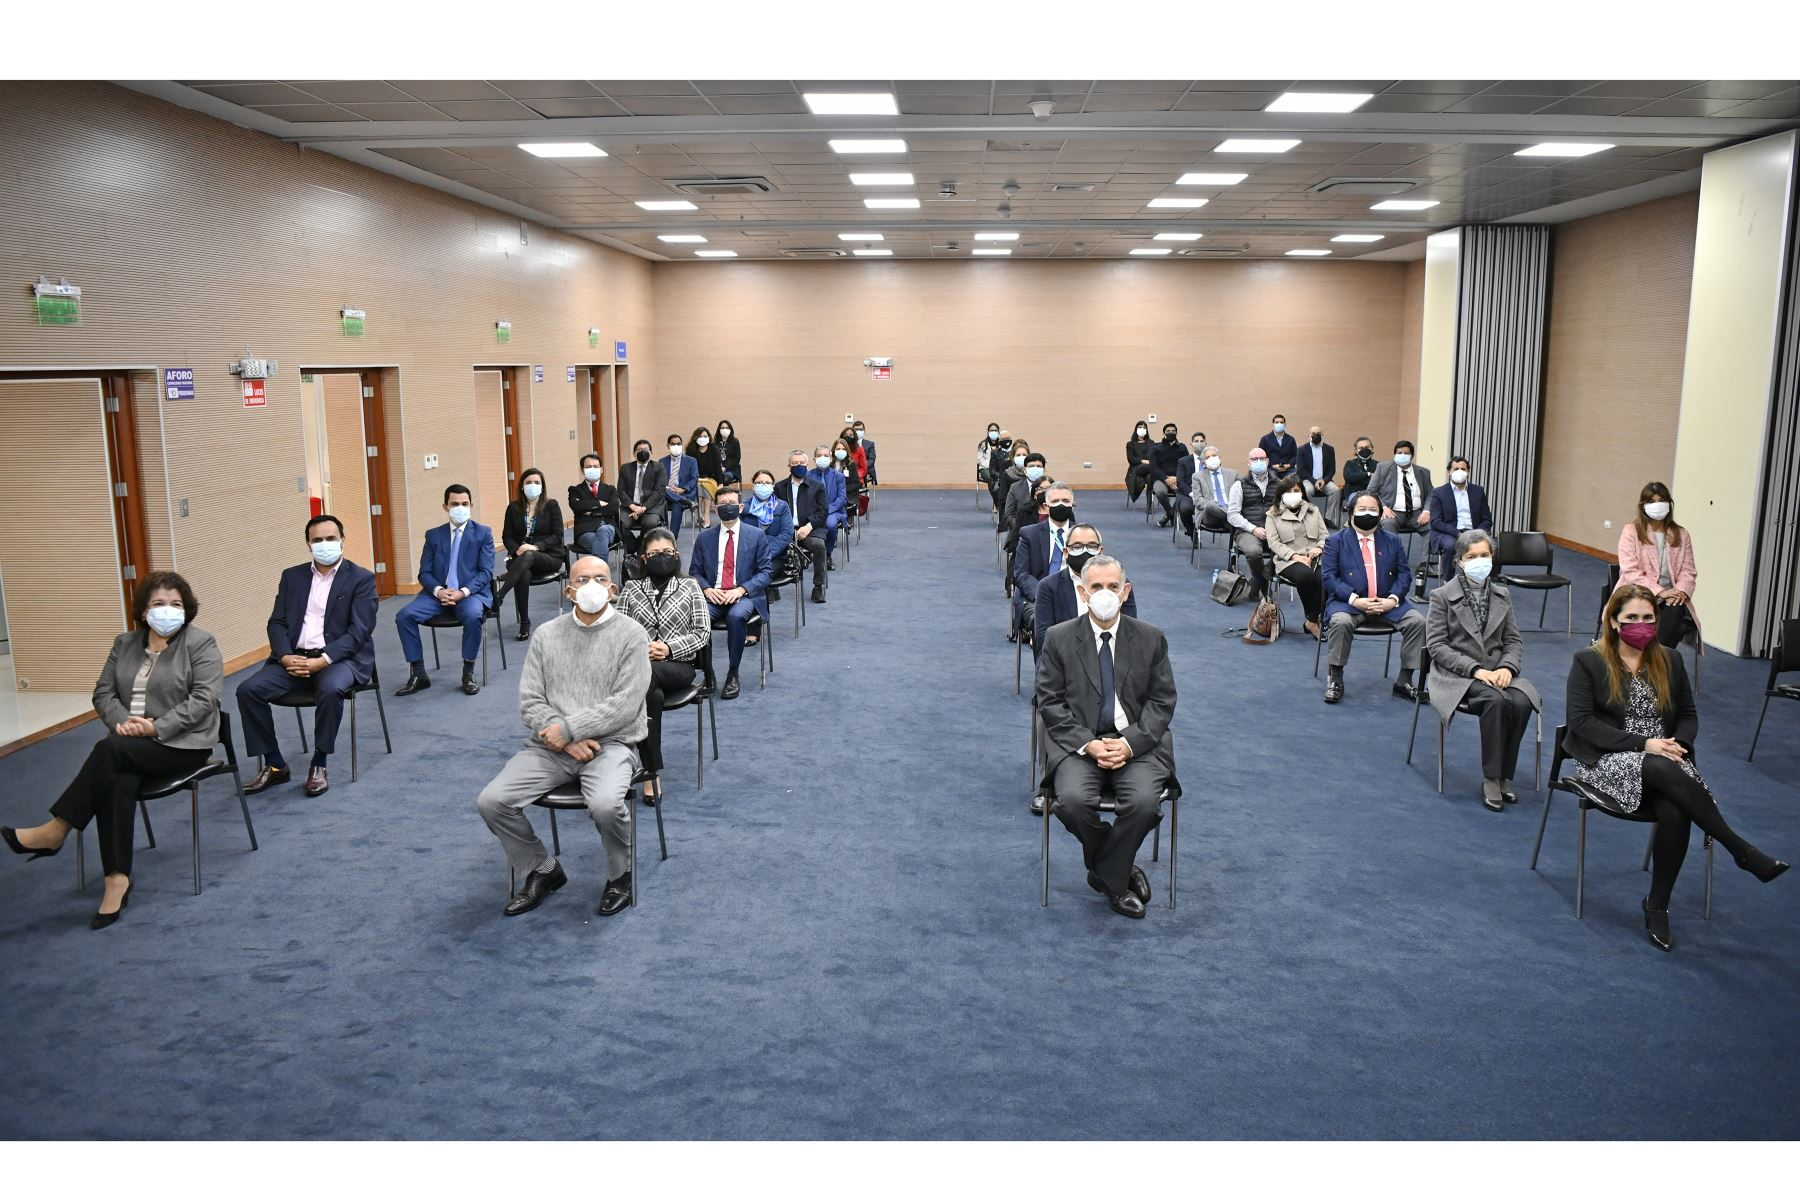 El ministro de Economía y Finanzas, Pedro Francke, fue presentado hoy en la sede del Ministerio de Economía y Finanzas, en el Cercado de Lima. Además, junto a su antecesor, Waldo Mendoza, firmaron Acta de Transferencia de Gestión. Foto: ANDINA/MEF